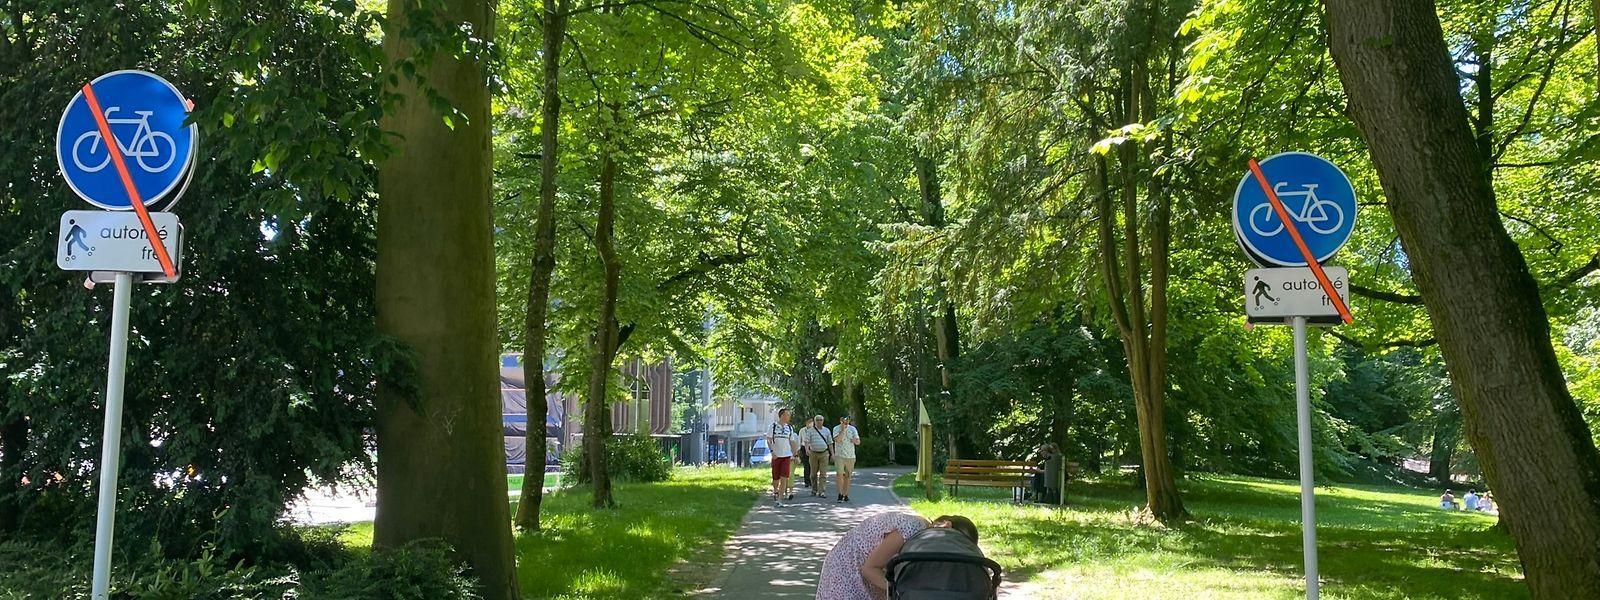 Seit Mittwoch gilt im Stadtpark eine neue Reglementierung, mit einem Pflichtweg für Radfahrer, zwei gemischten Wegen und einem Radfahrverbot im restlichen Park.